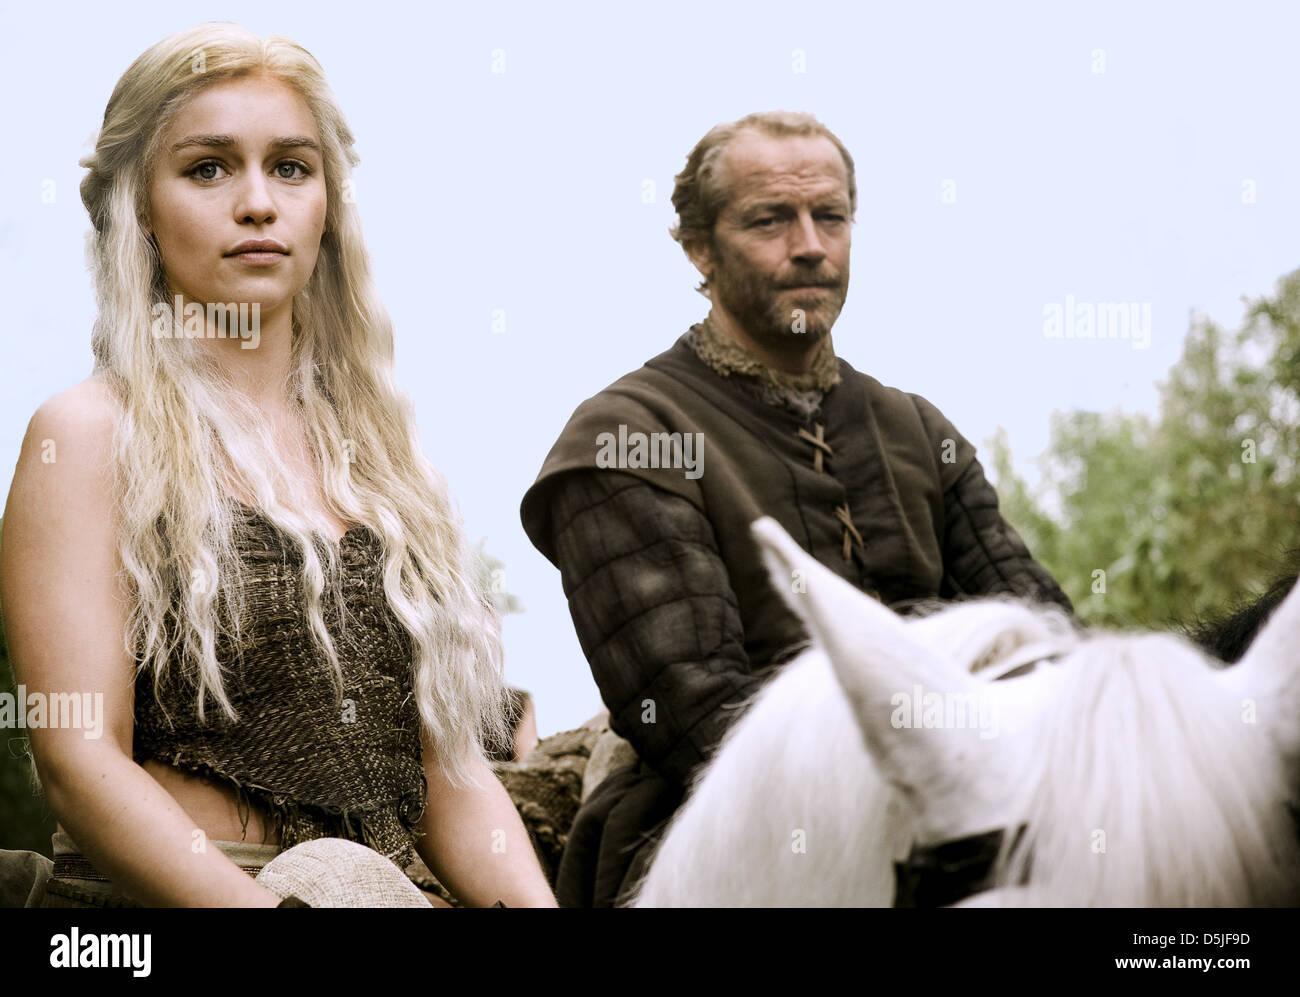 Emilia Clarke Iain Glen Game Of Thrones 2011 Stockfoto Bild